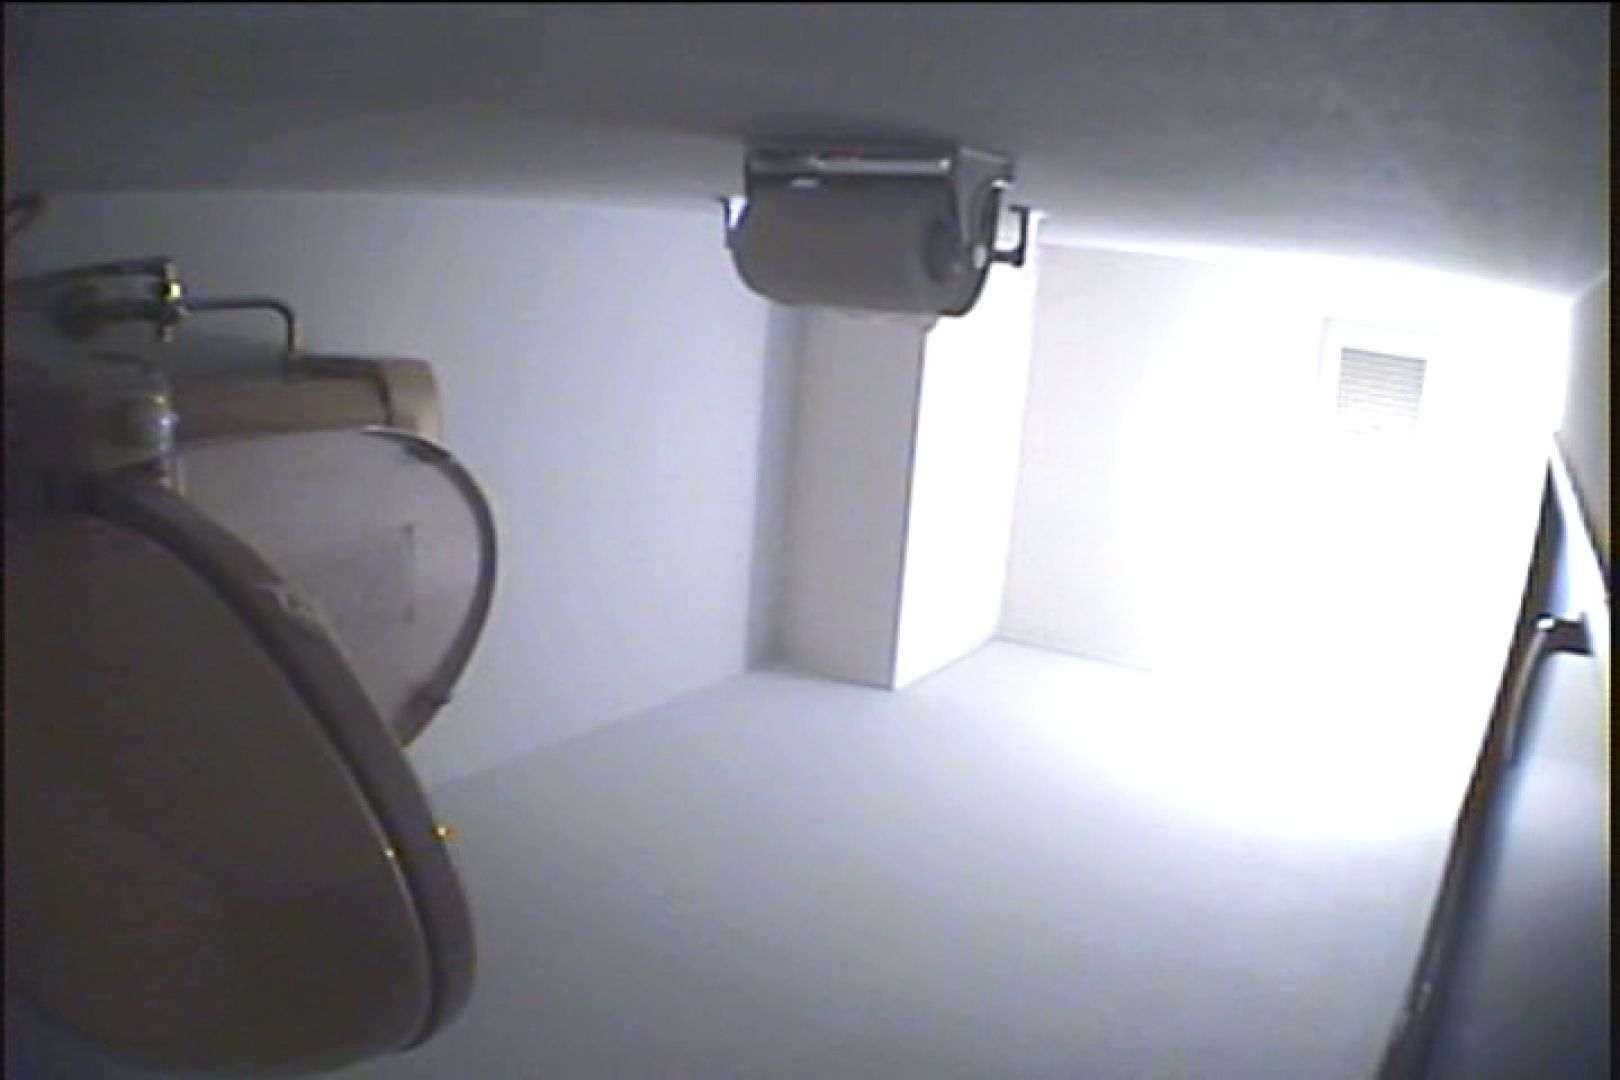 下腹部限界突破!!Vol.6 OLエロ画像 覗きオメコ動画キャプチャ 71PICs 50